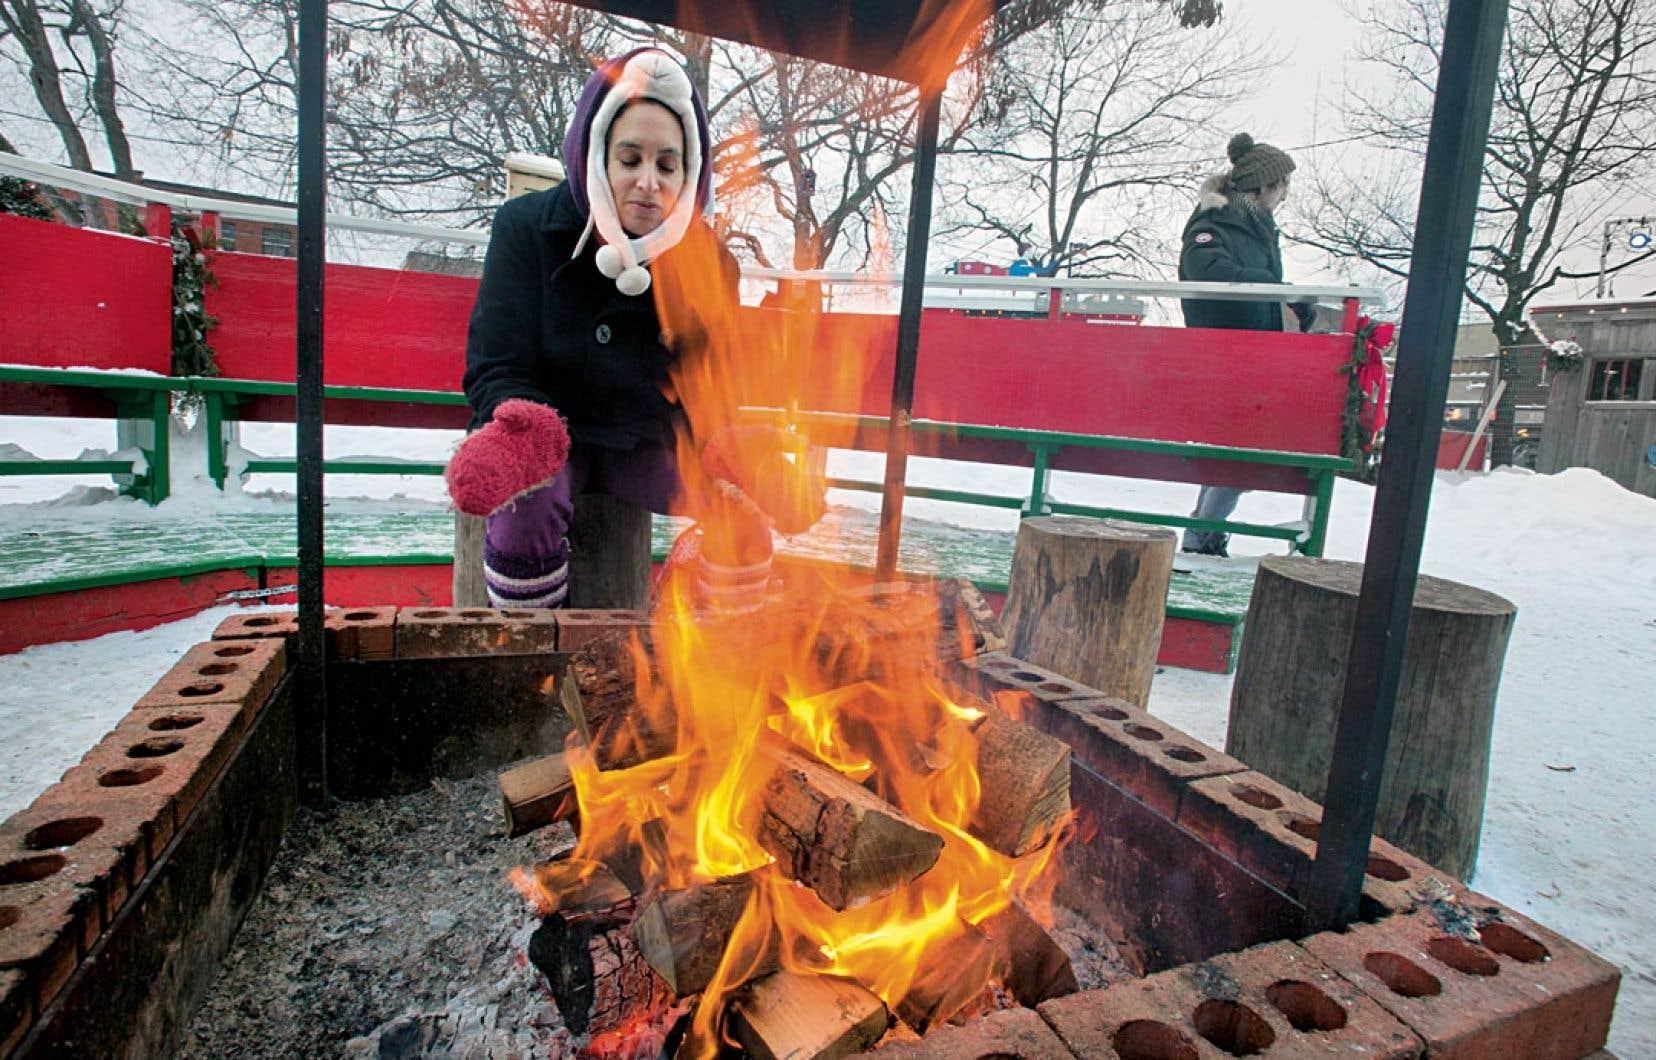 L'odeur du feu de bois est souvent associée au temps des Fêtes.